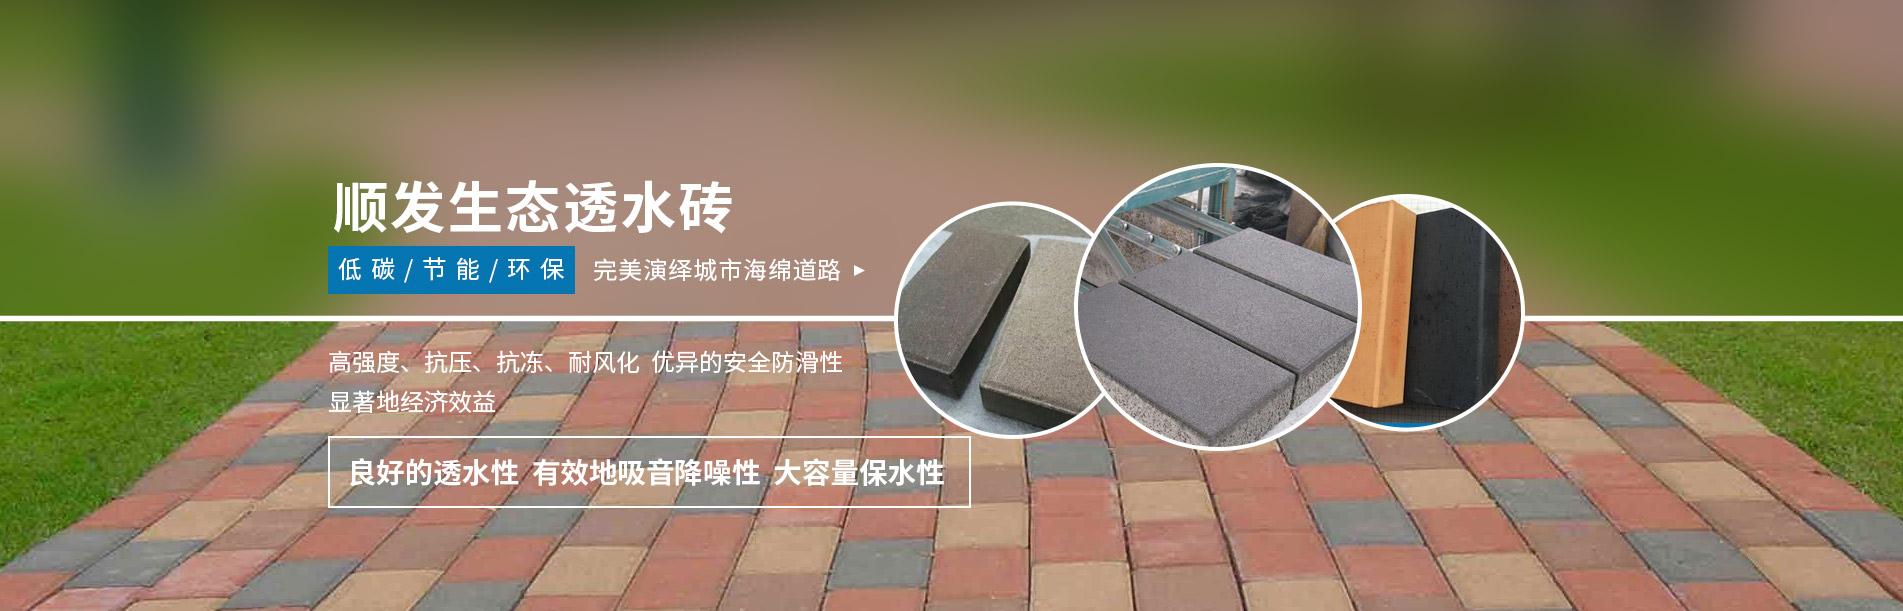 重庆透水砖,生态透水砖仿石pc砖厂家